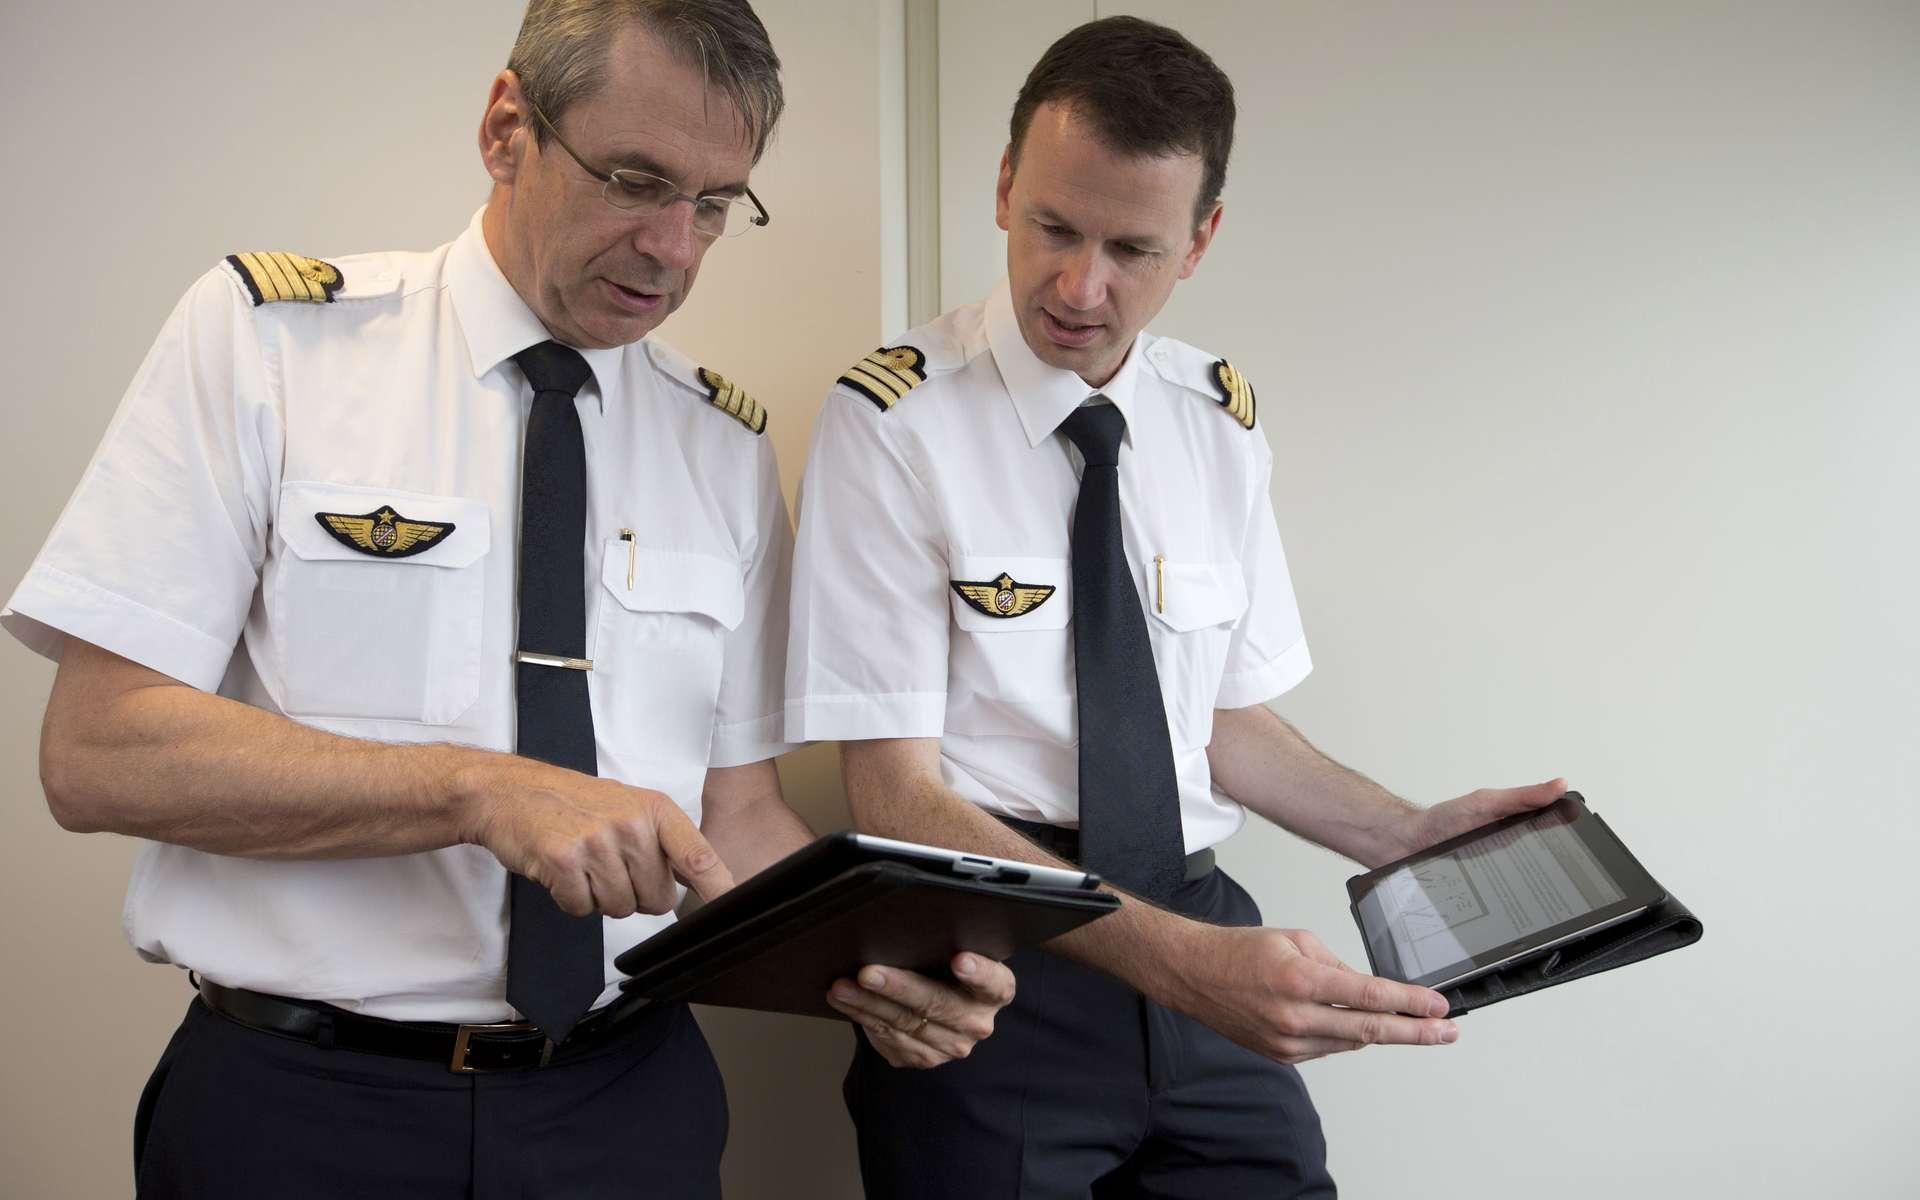 Air France a commencé à équiper ses 4.100 pilotes avec l'iPad, et ce dès juin 2012 pour les pilotes de Boeing 777. Le déploiement s'achèvera durant l'été 2013. © Air France